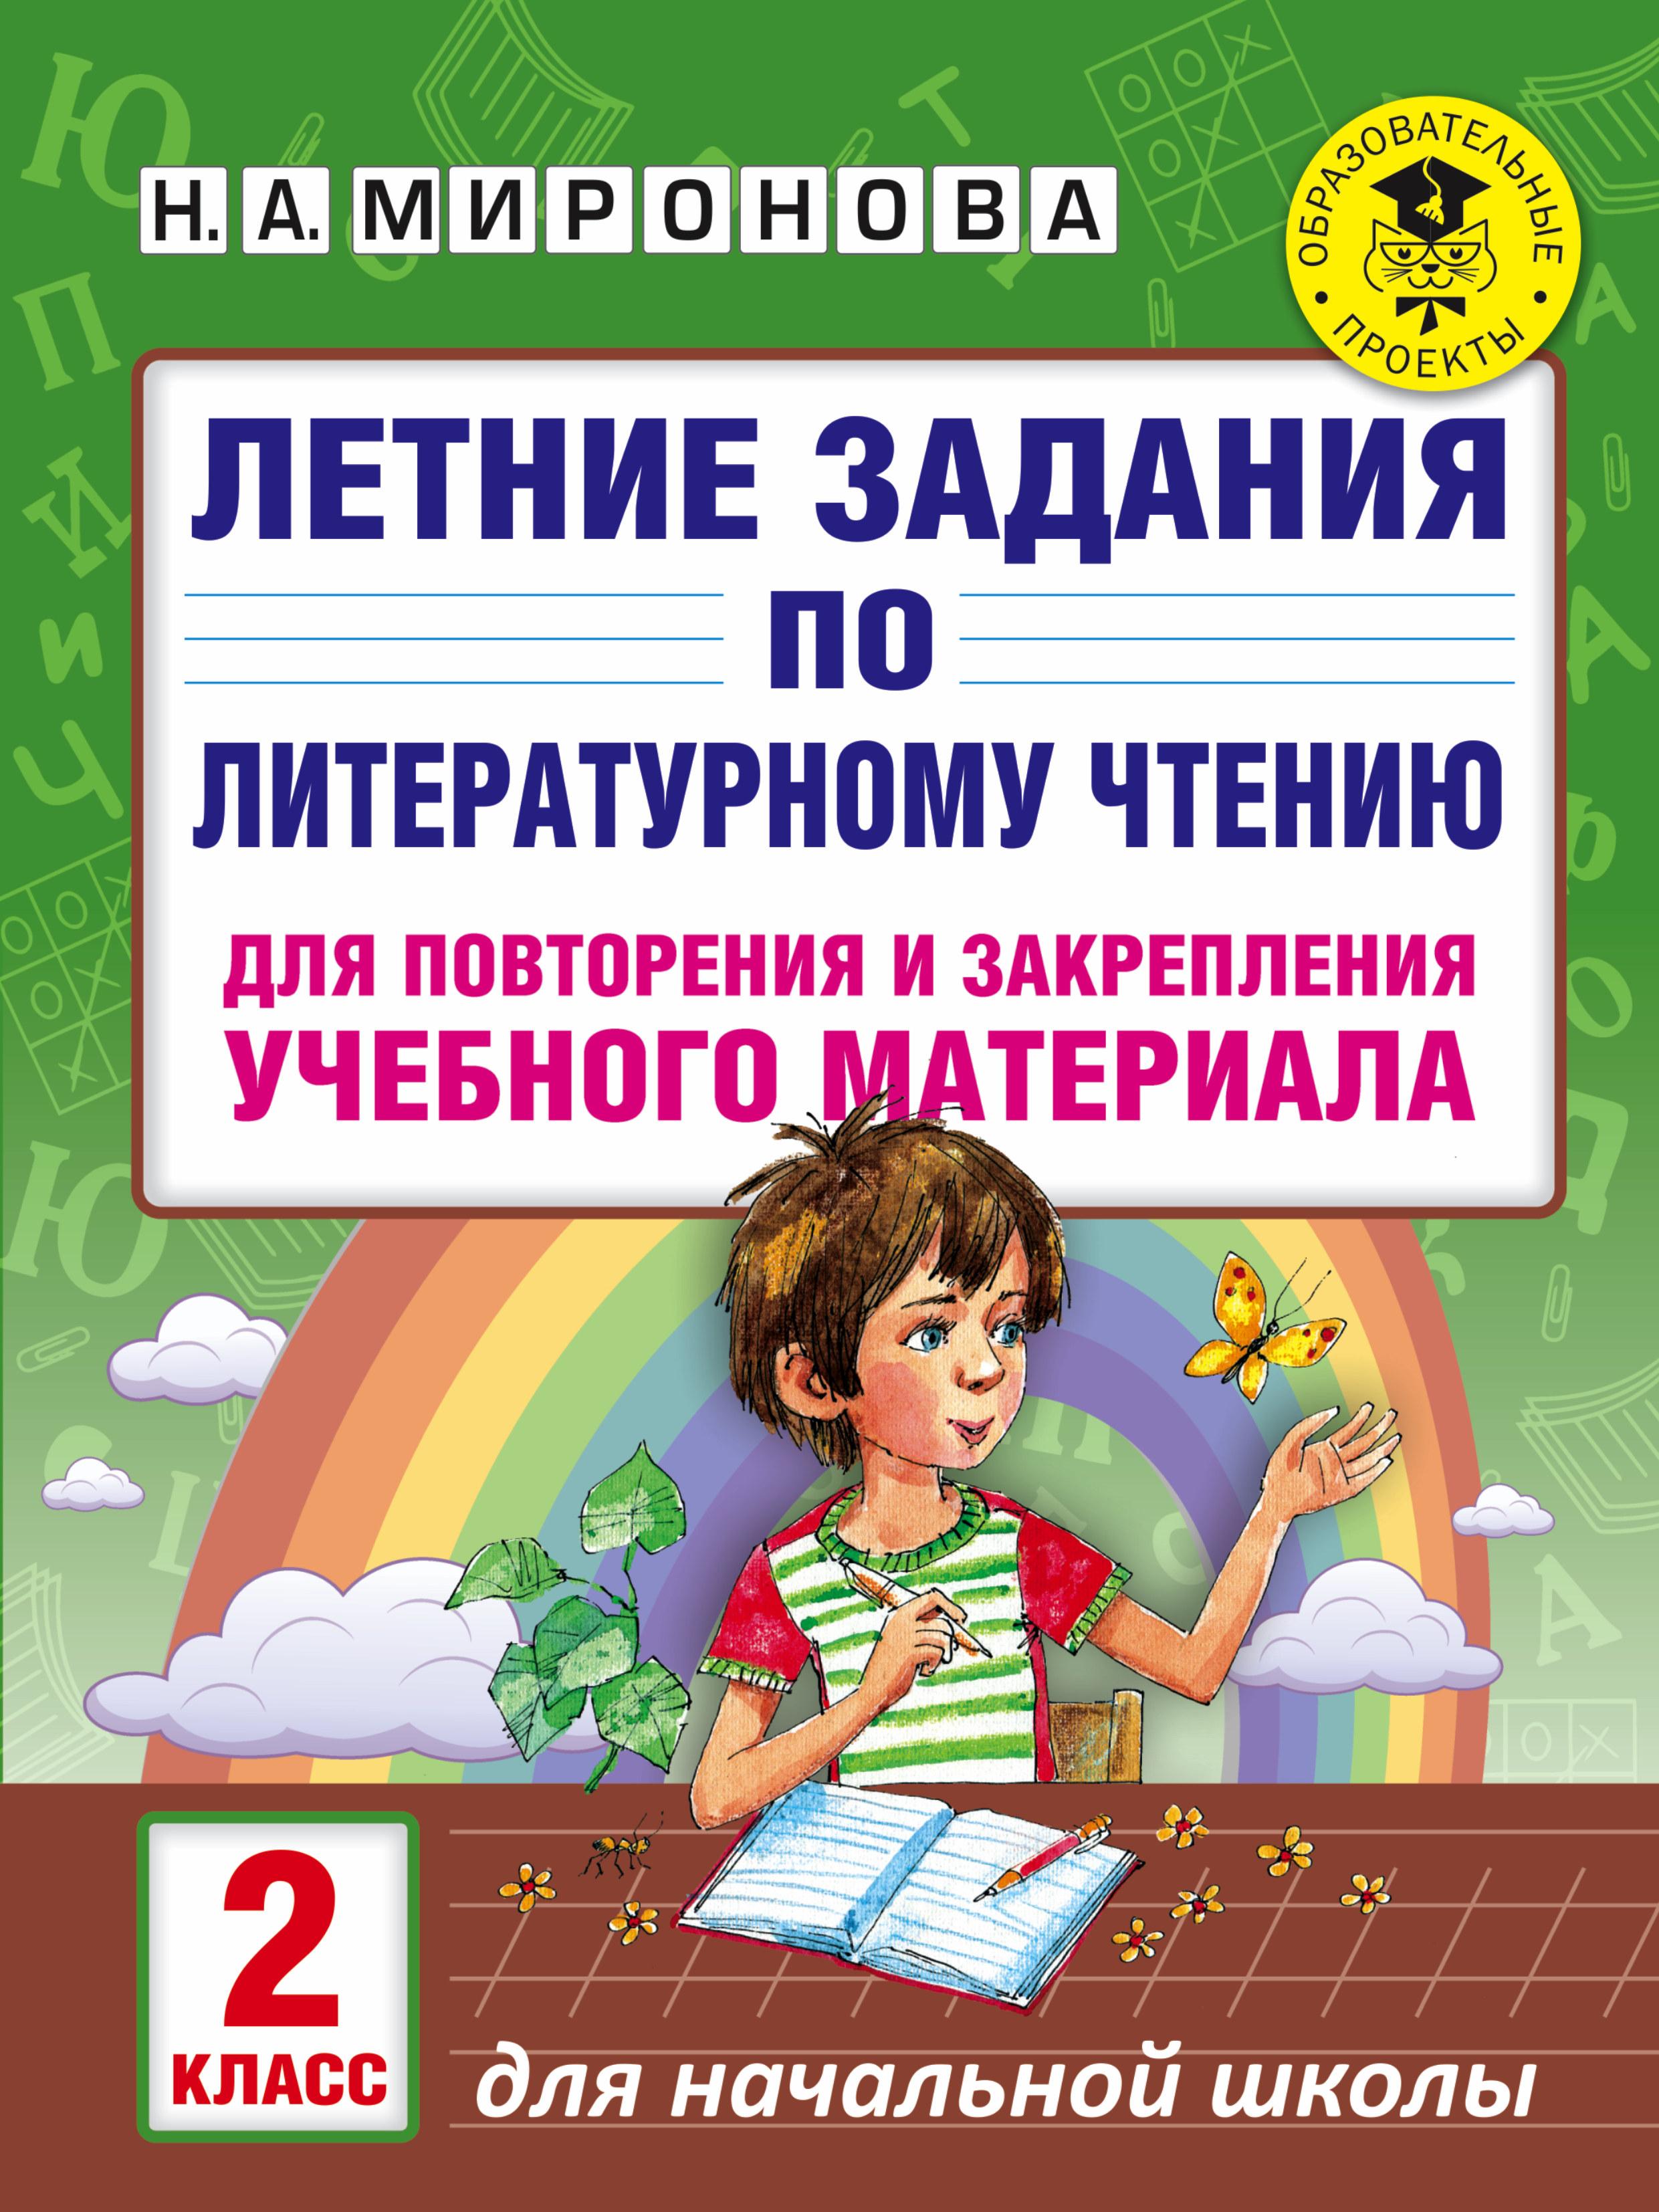 Летние задания по литературному чтению для повторения и закрепления учебного материала. 2 класс ( Миронова Н.А.  )